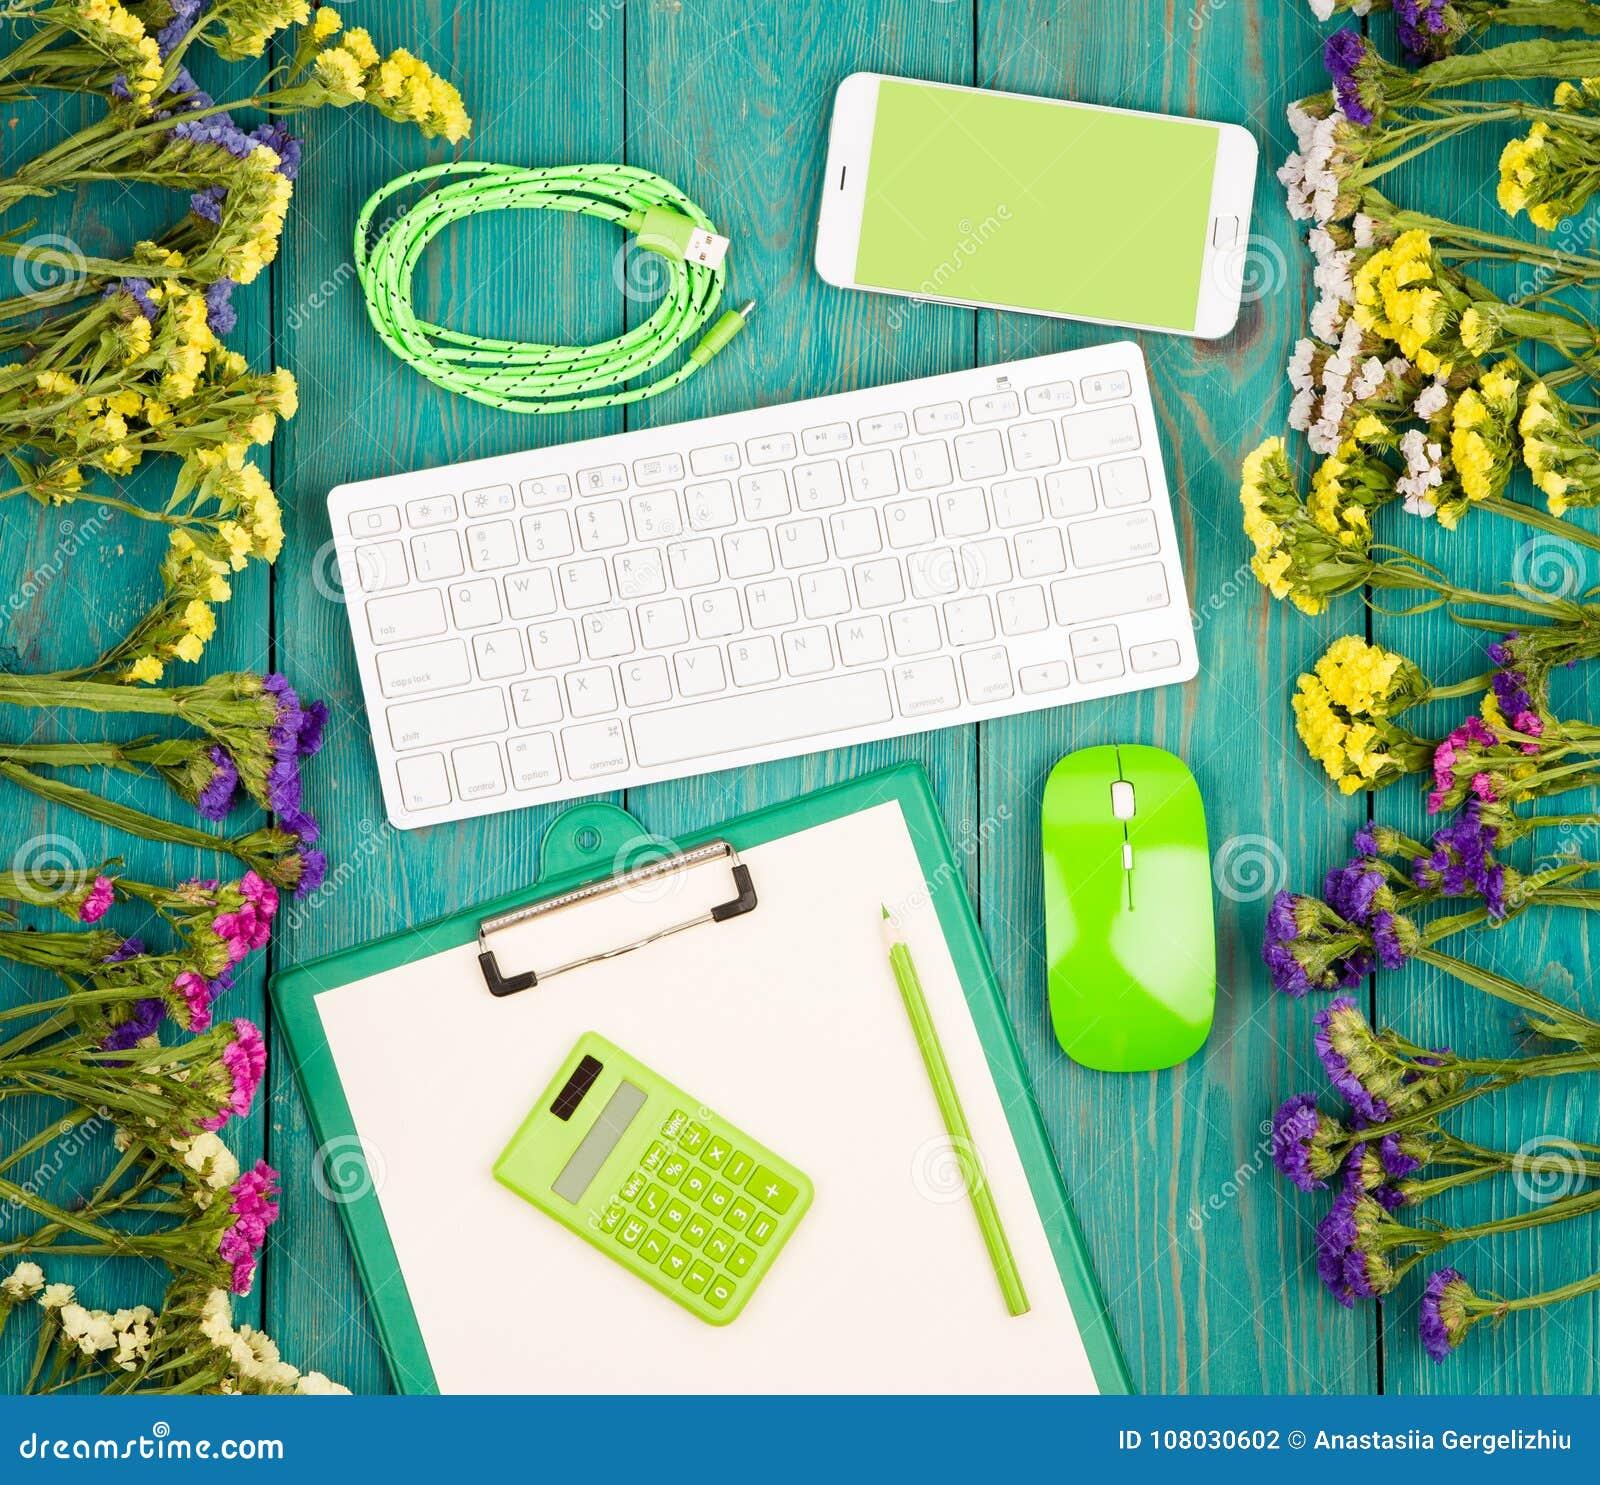 Werkplaats met draadloos slank toetsenbord, groene muis, slimme telefoon,